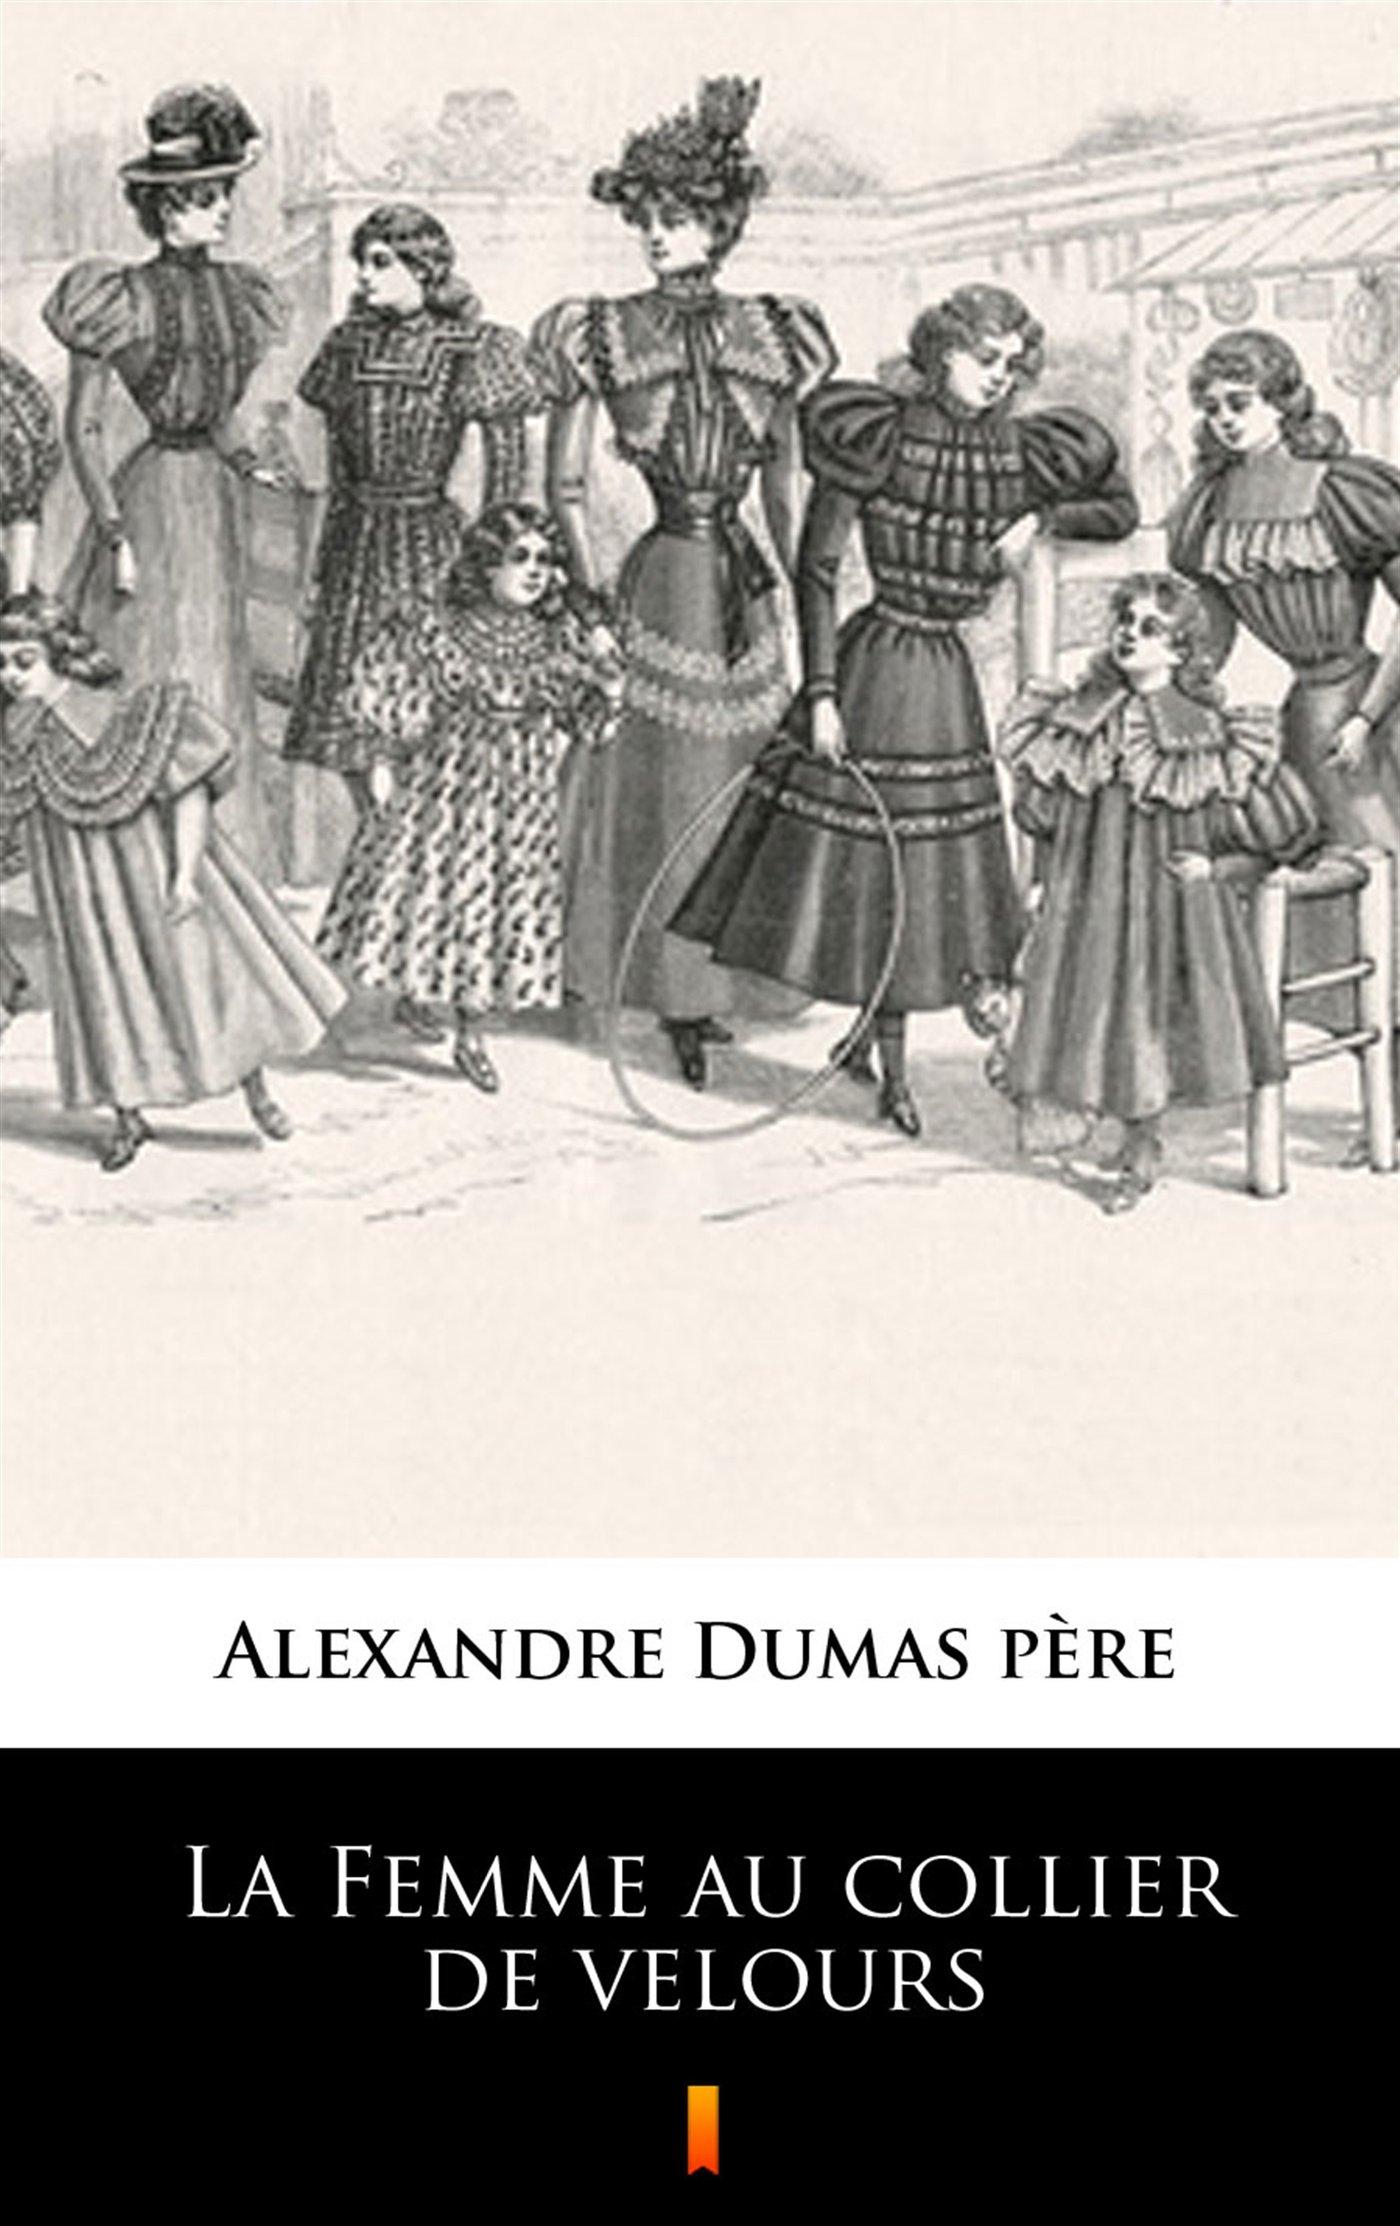 La Femme au collier de velours - Ebook (Książka EPUB) do pobrania w formacie EPUB